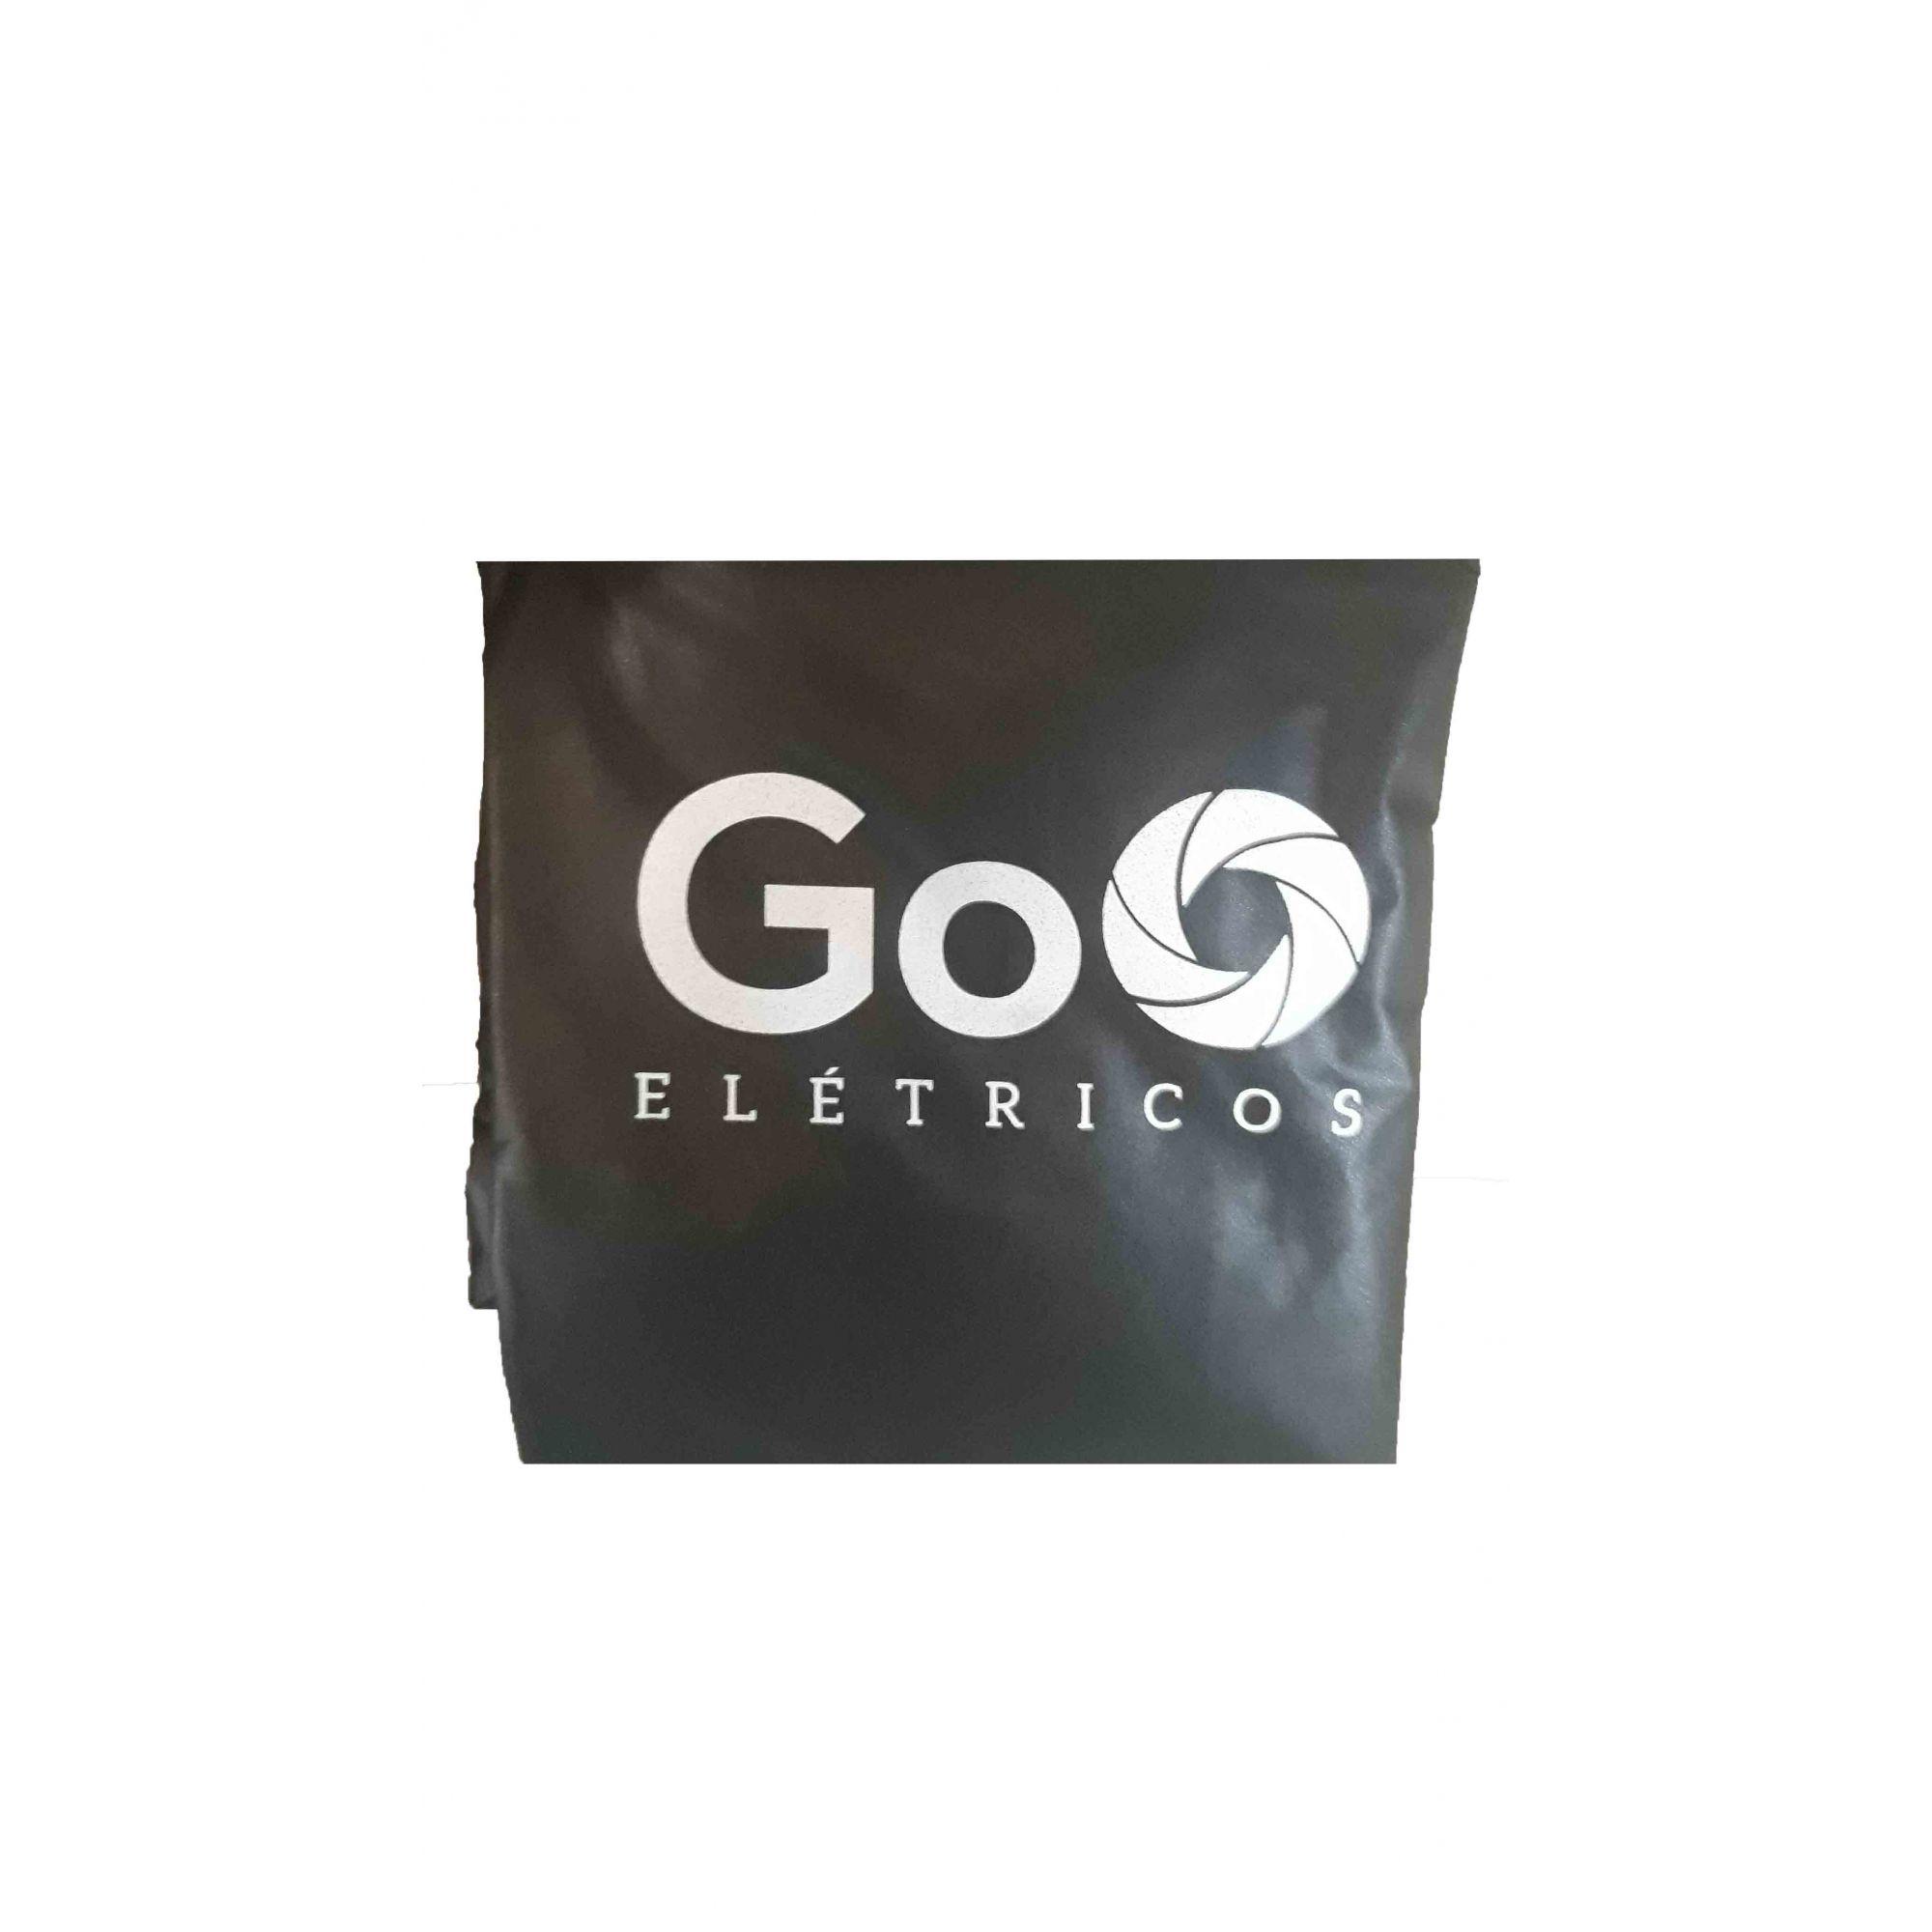 Capa de proteção para scooter elétrica citycoco